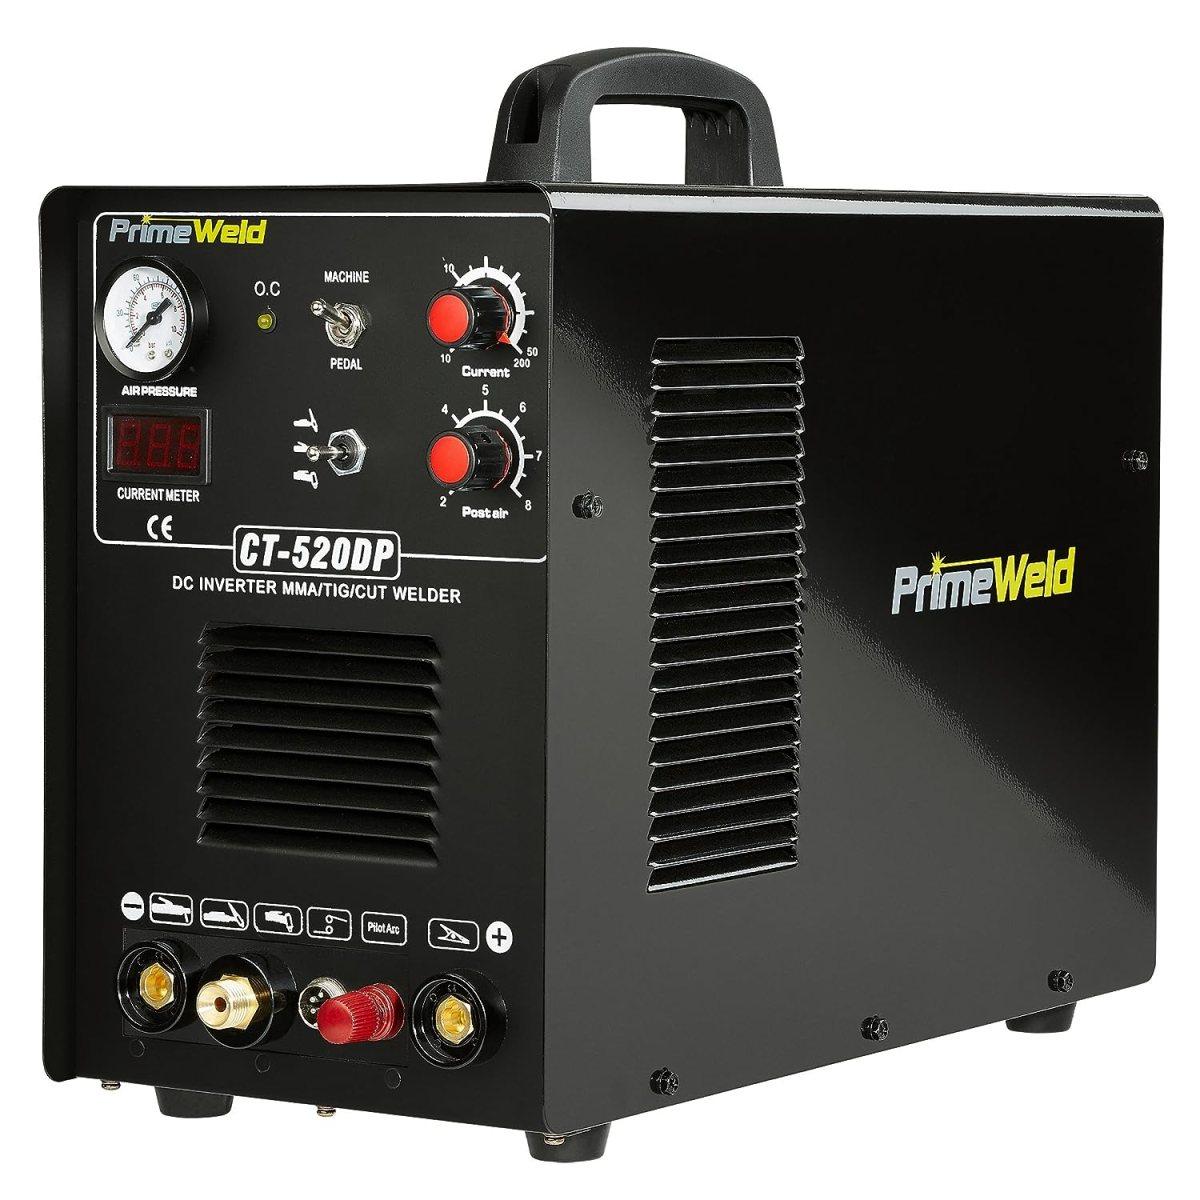 PrimeWeld Pilot Arc 50A Plasma Cutter, 200A TIG/Stick Welder Combo, Multipurpose Welding Machine